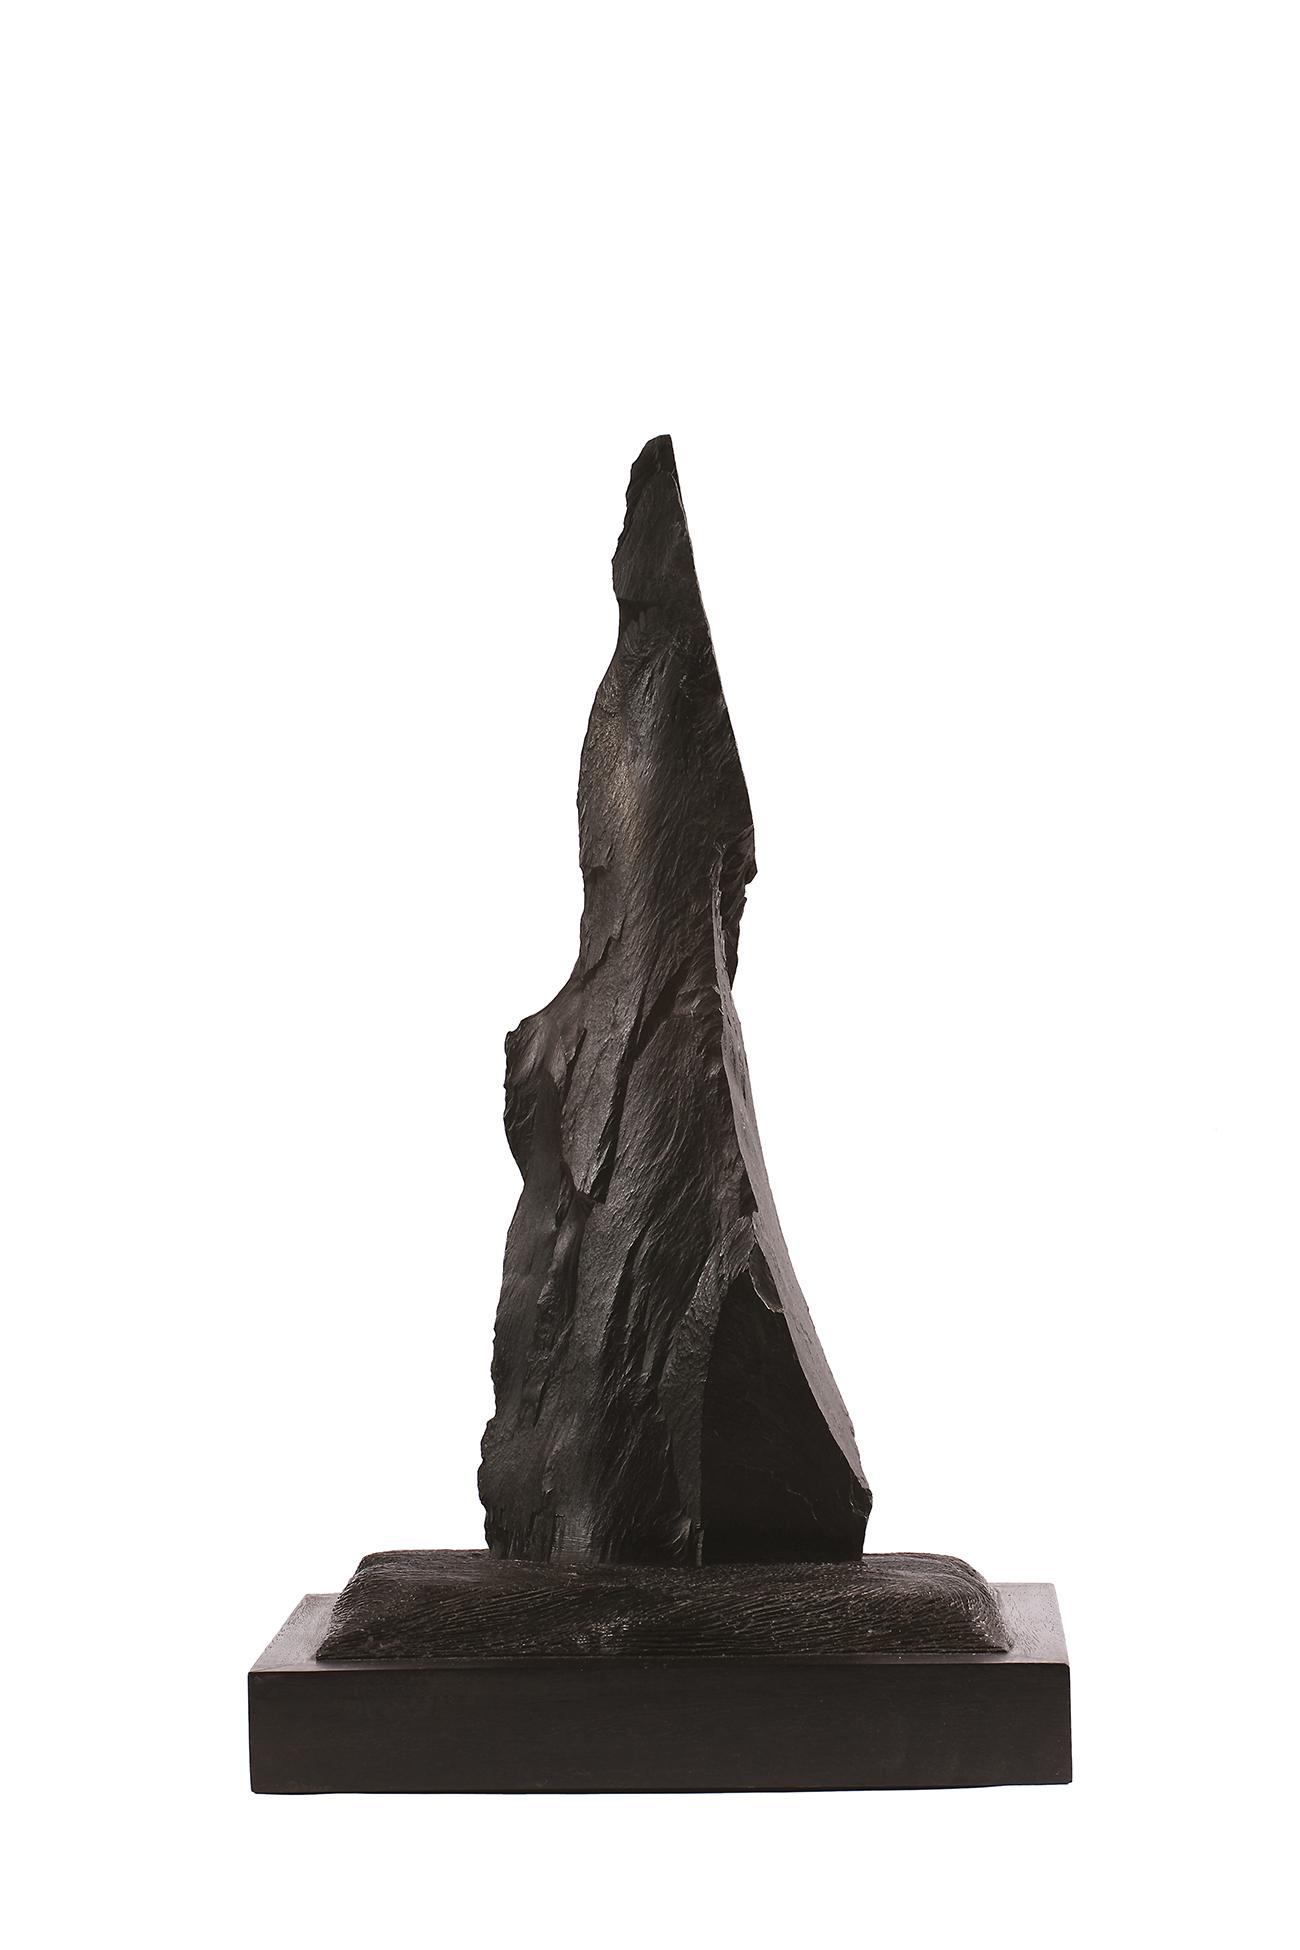 Le garde noir  — H 60 cm - L 23x23 cm